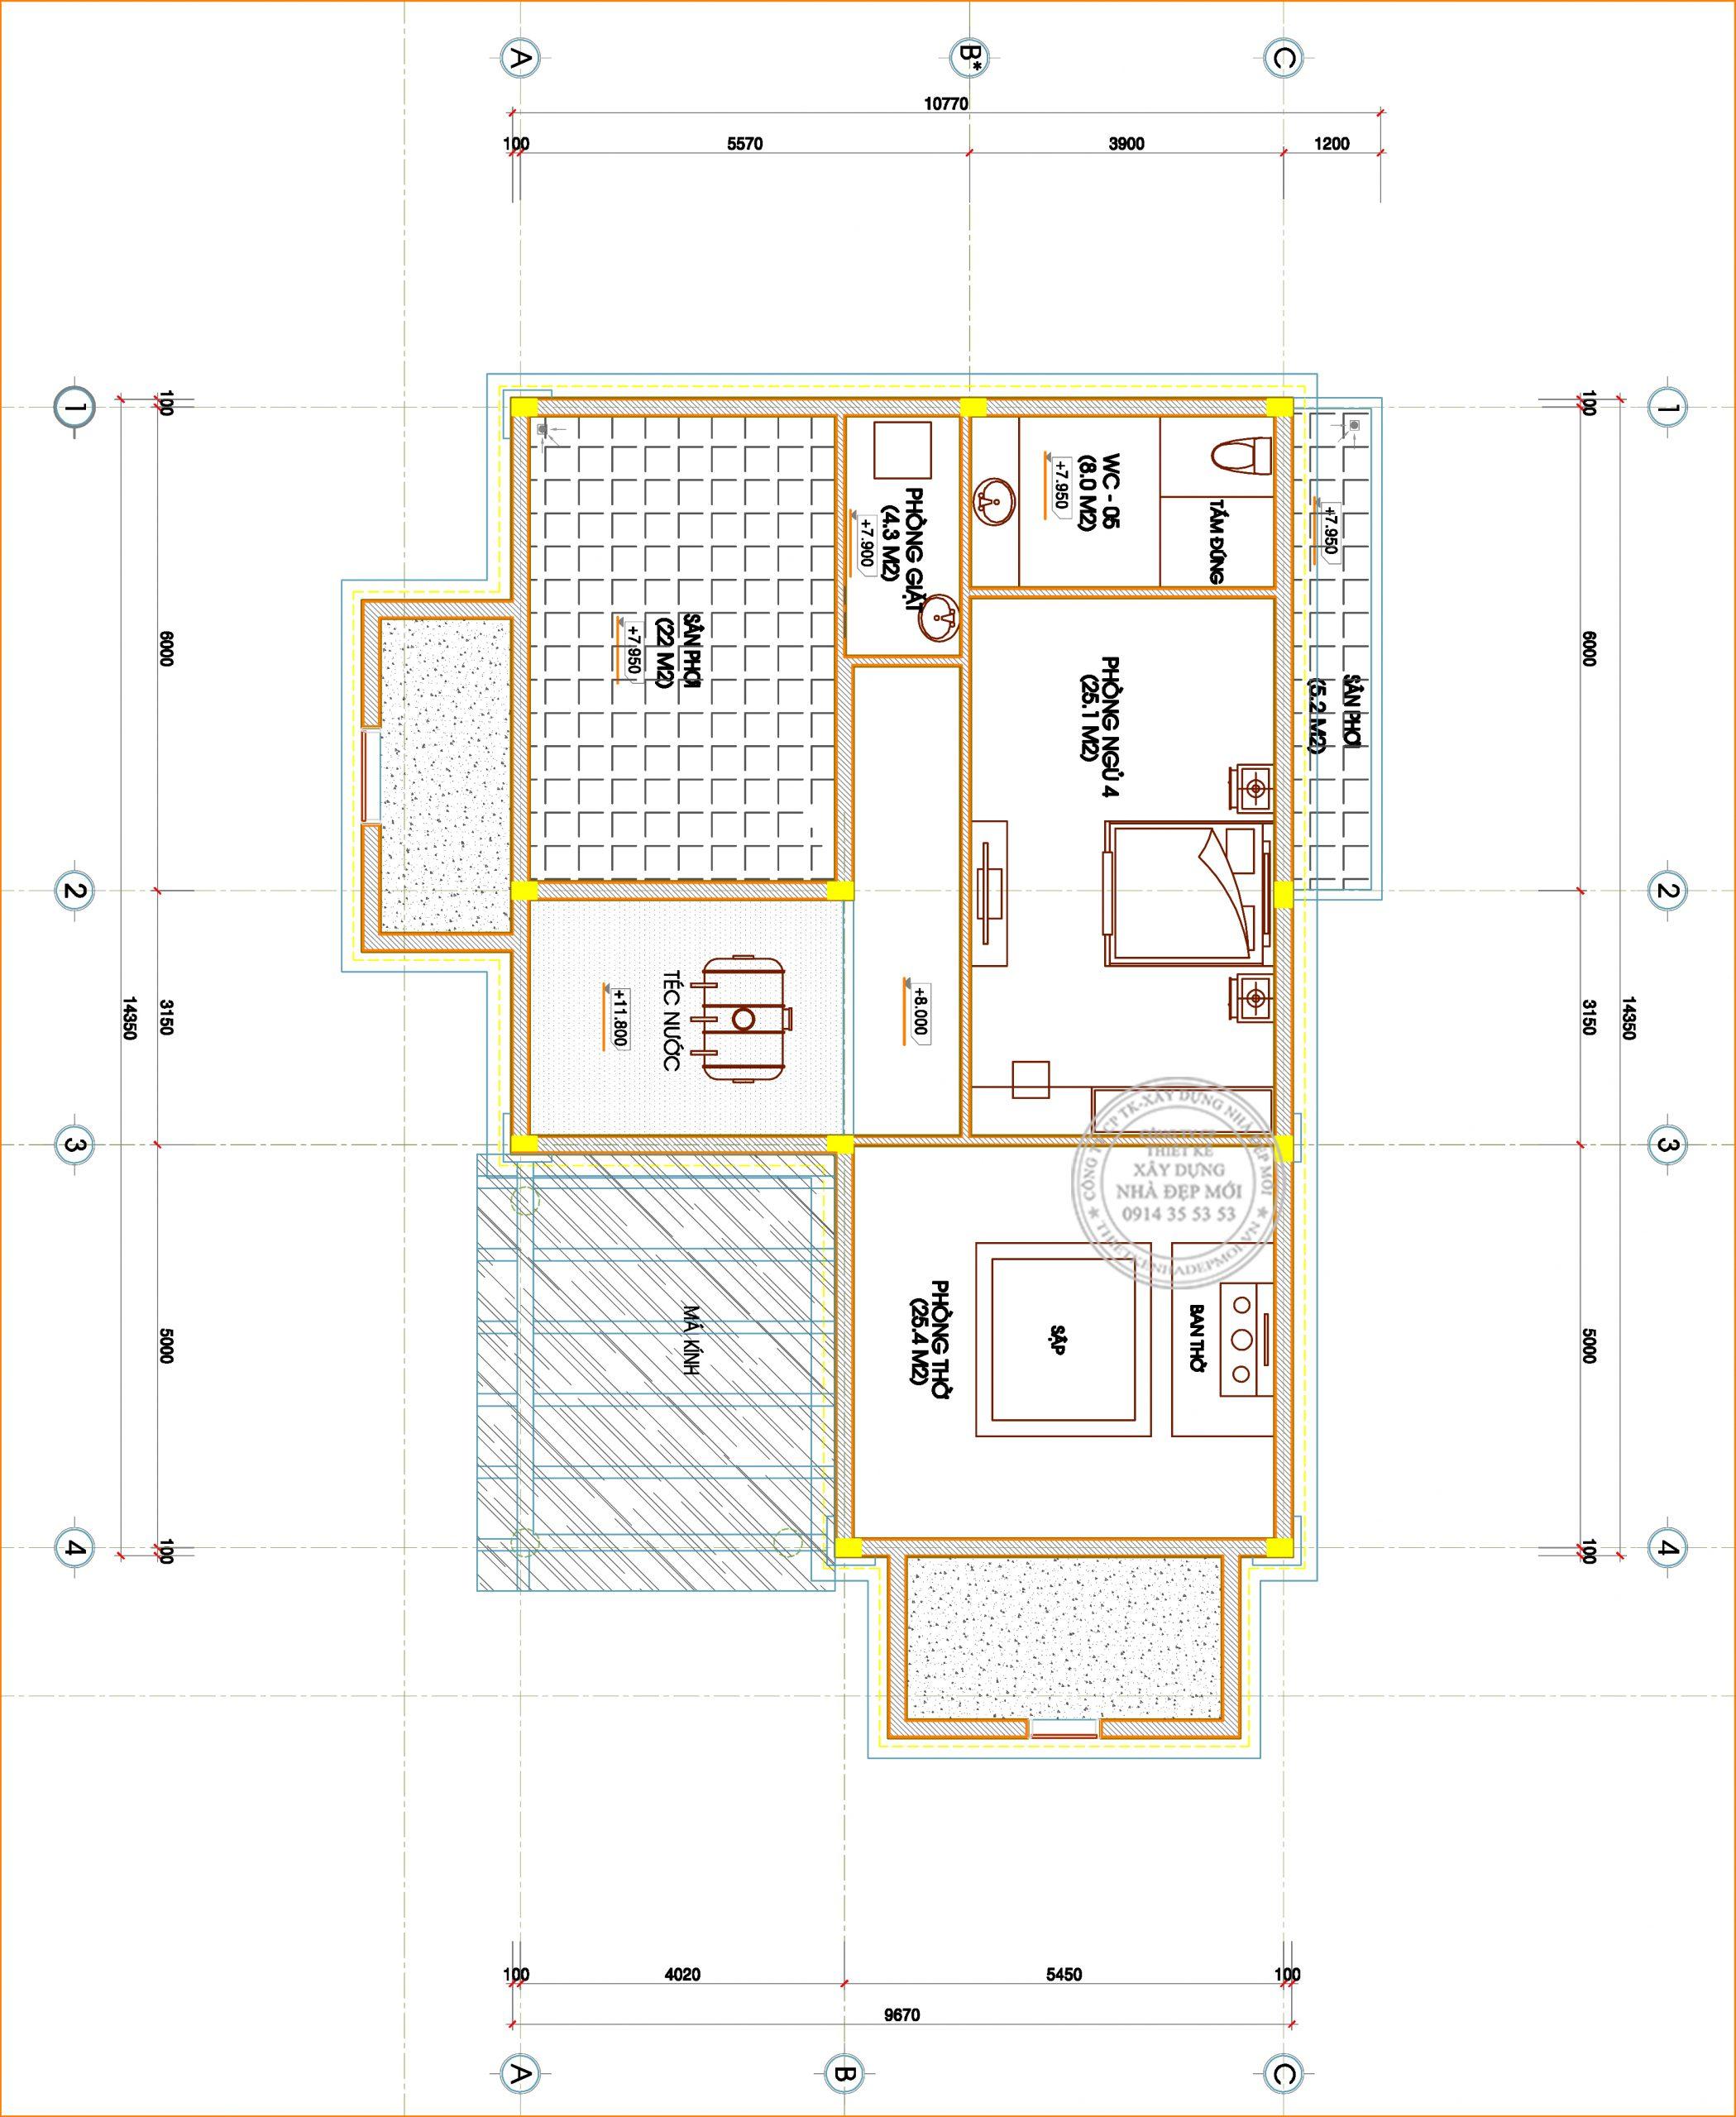 Bảng vẽ mặt bằng tầng 3-1